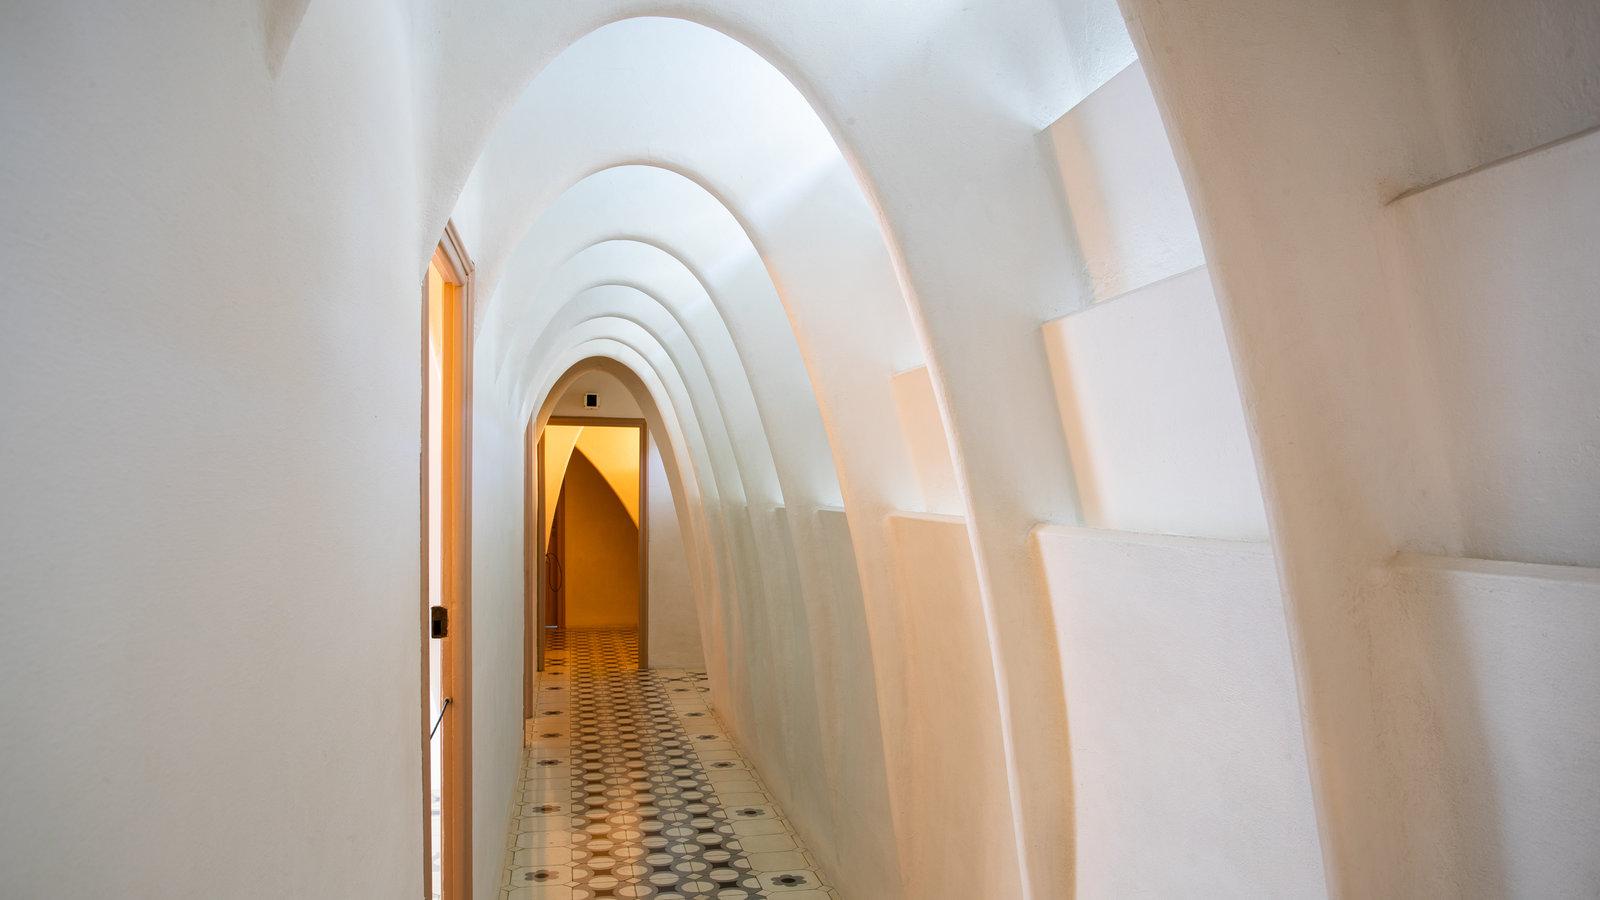 Casa Batllo showing interior views